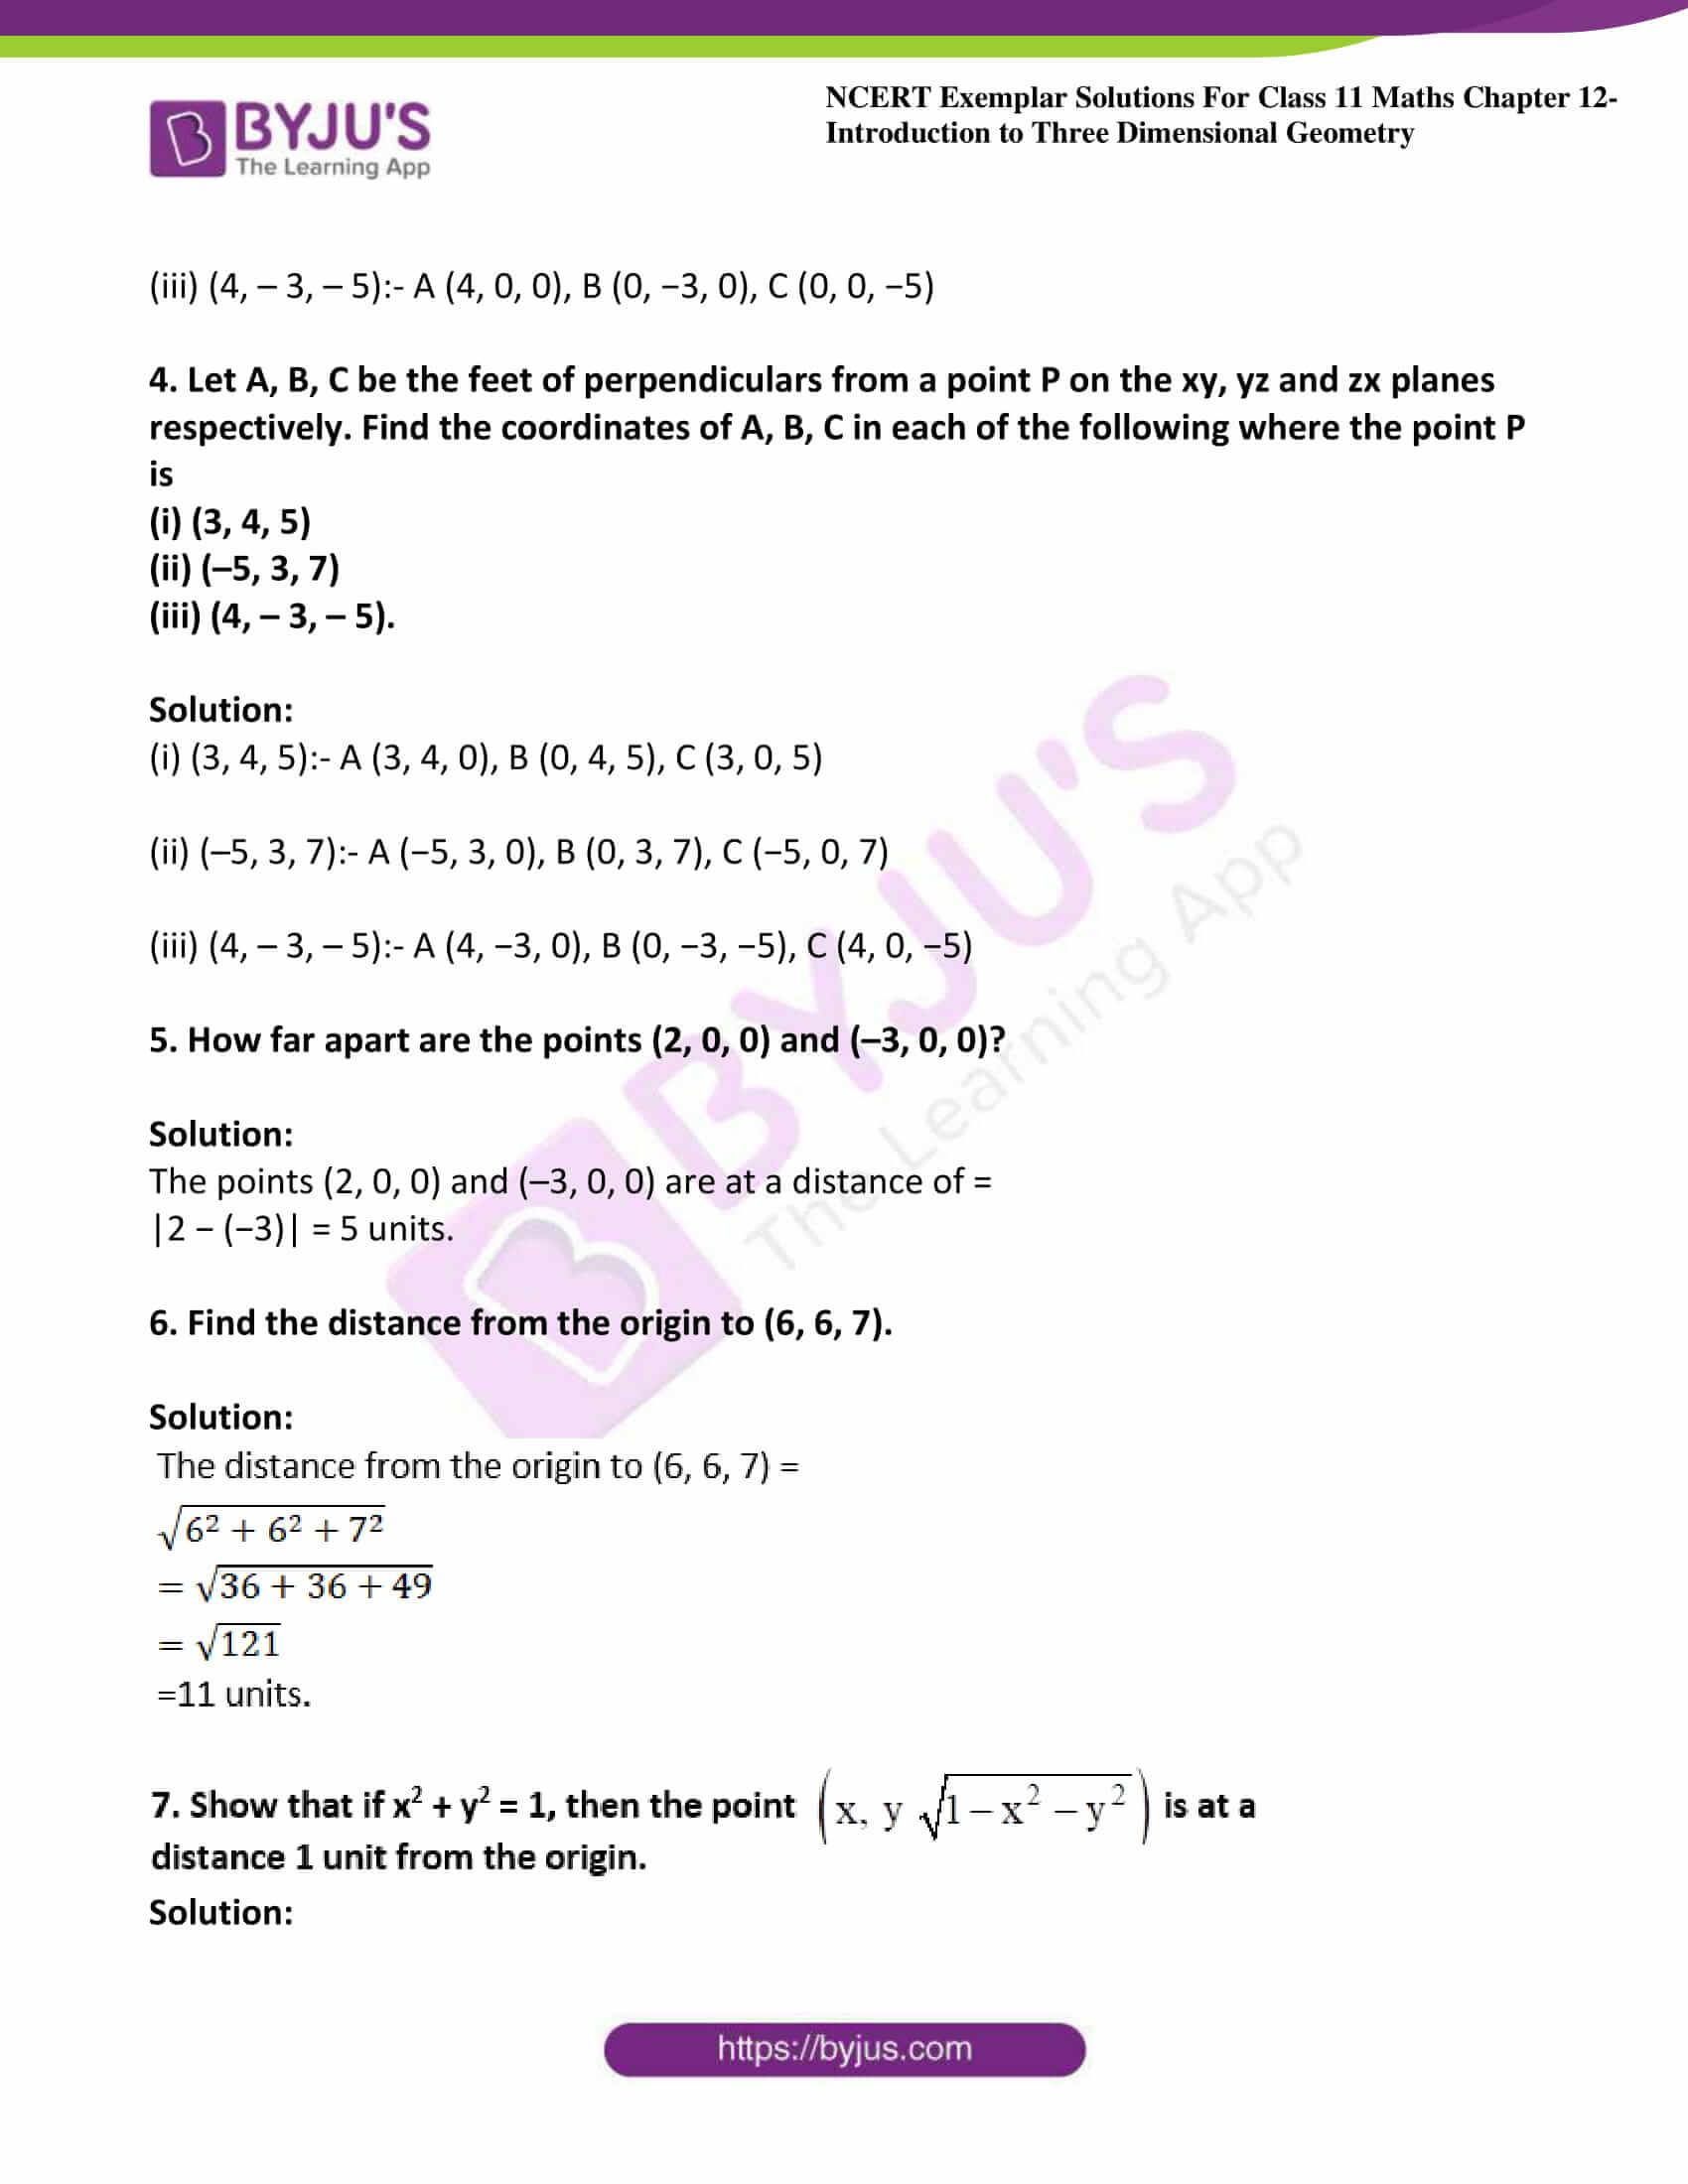 ncert exemplar sol class 11 maths chpt 12 three dimensional 03